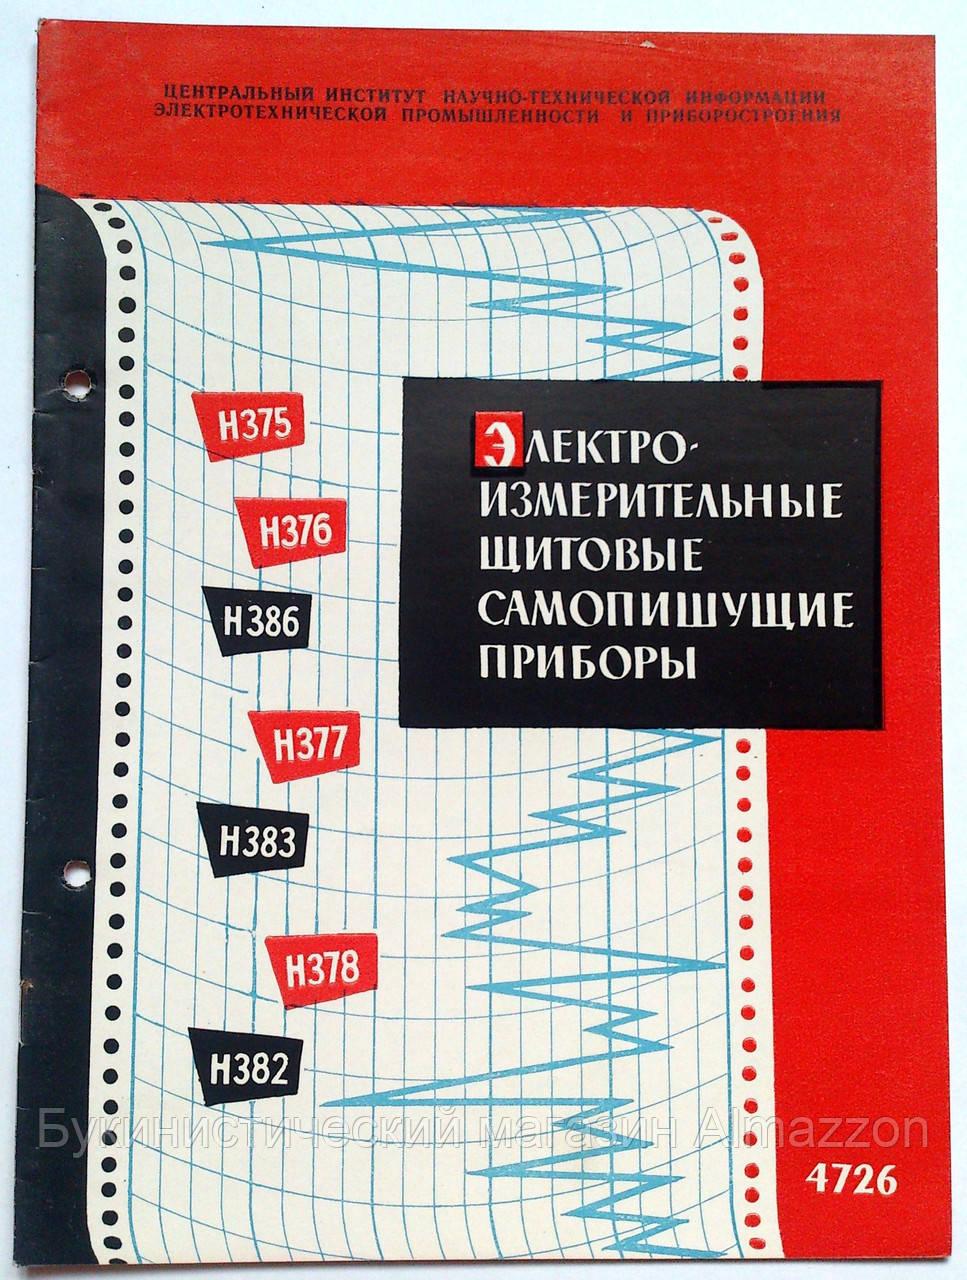 """Журнал (Бюллетень) """"Электроизмерительные щитовые самопишущие приборы Н375, Н376, Н386, Н377, Н383, Н378, Н382"""""""